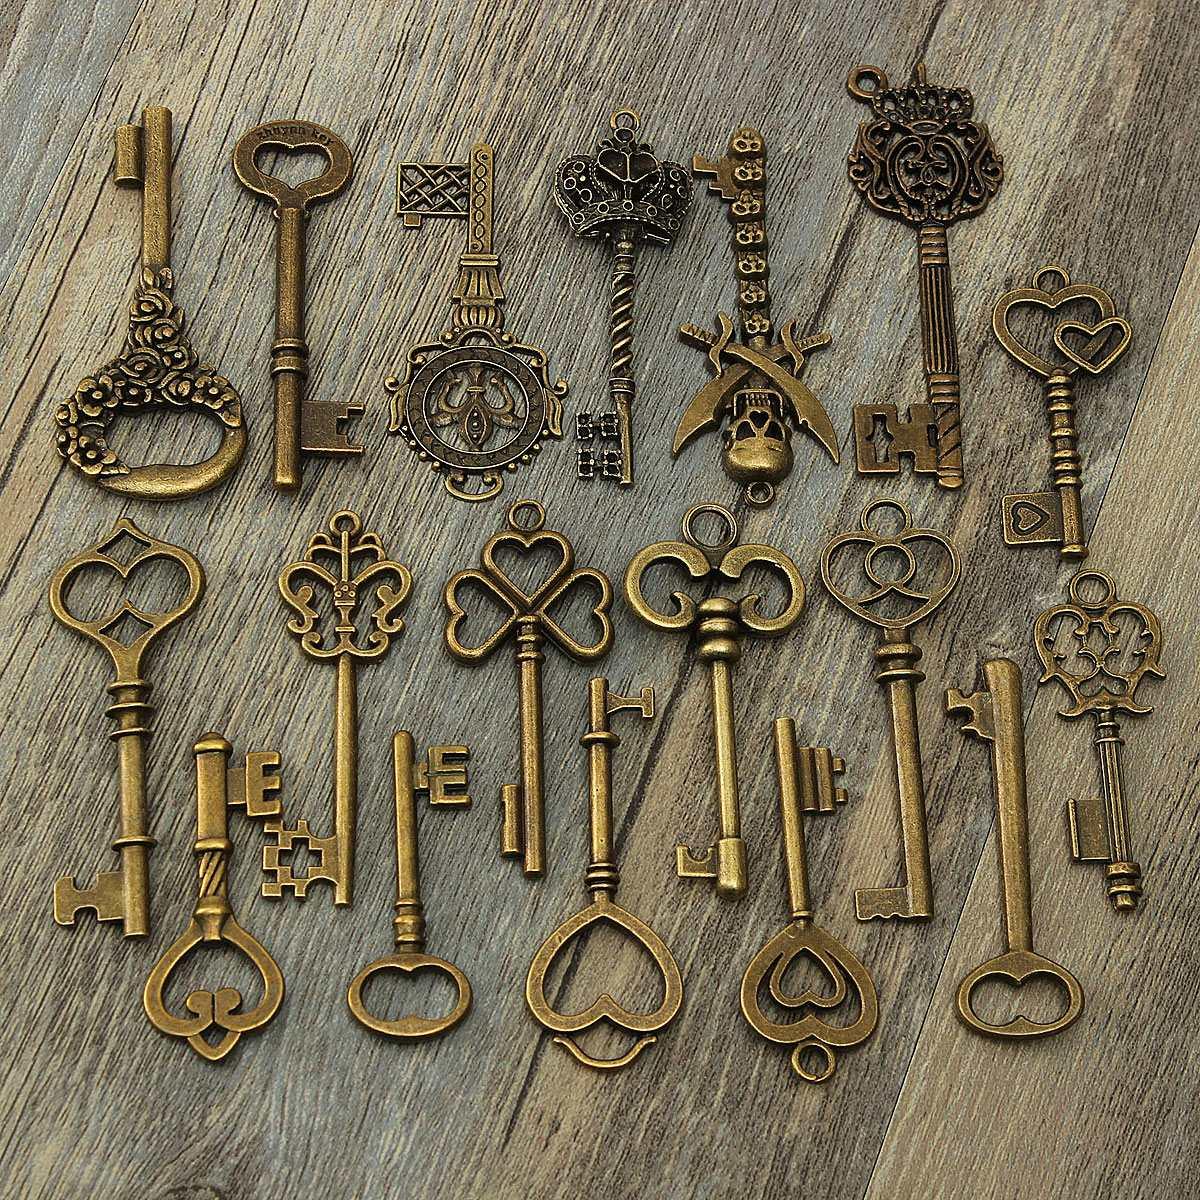 Kiwarm vintage antigo bronze chaves esqueleto fantasia coração arco pingente colar pendurado decoração antigo olhar diy artesanato retro chaveiros